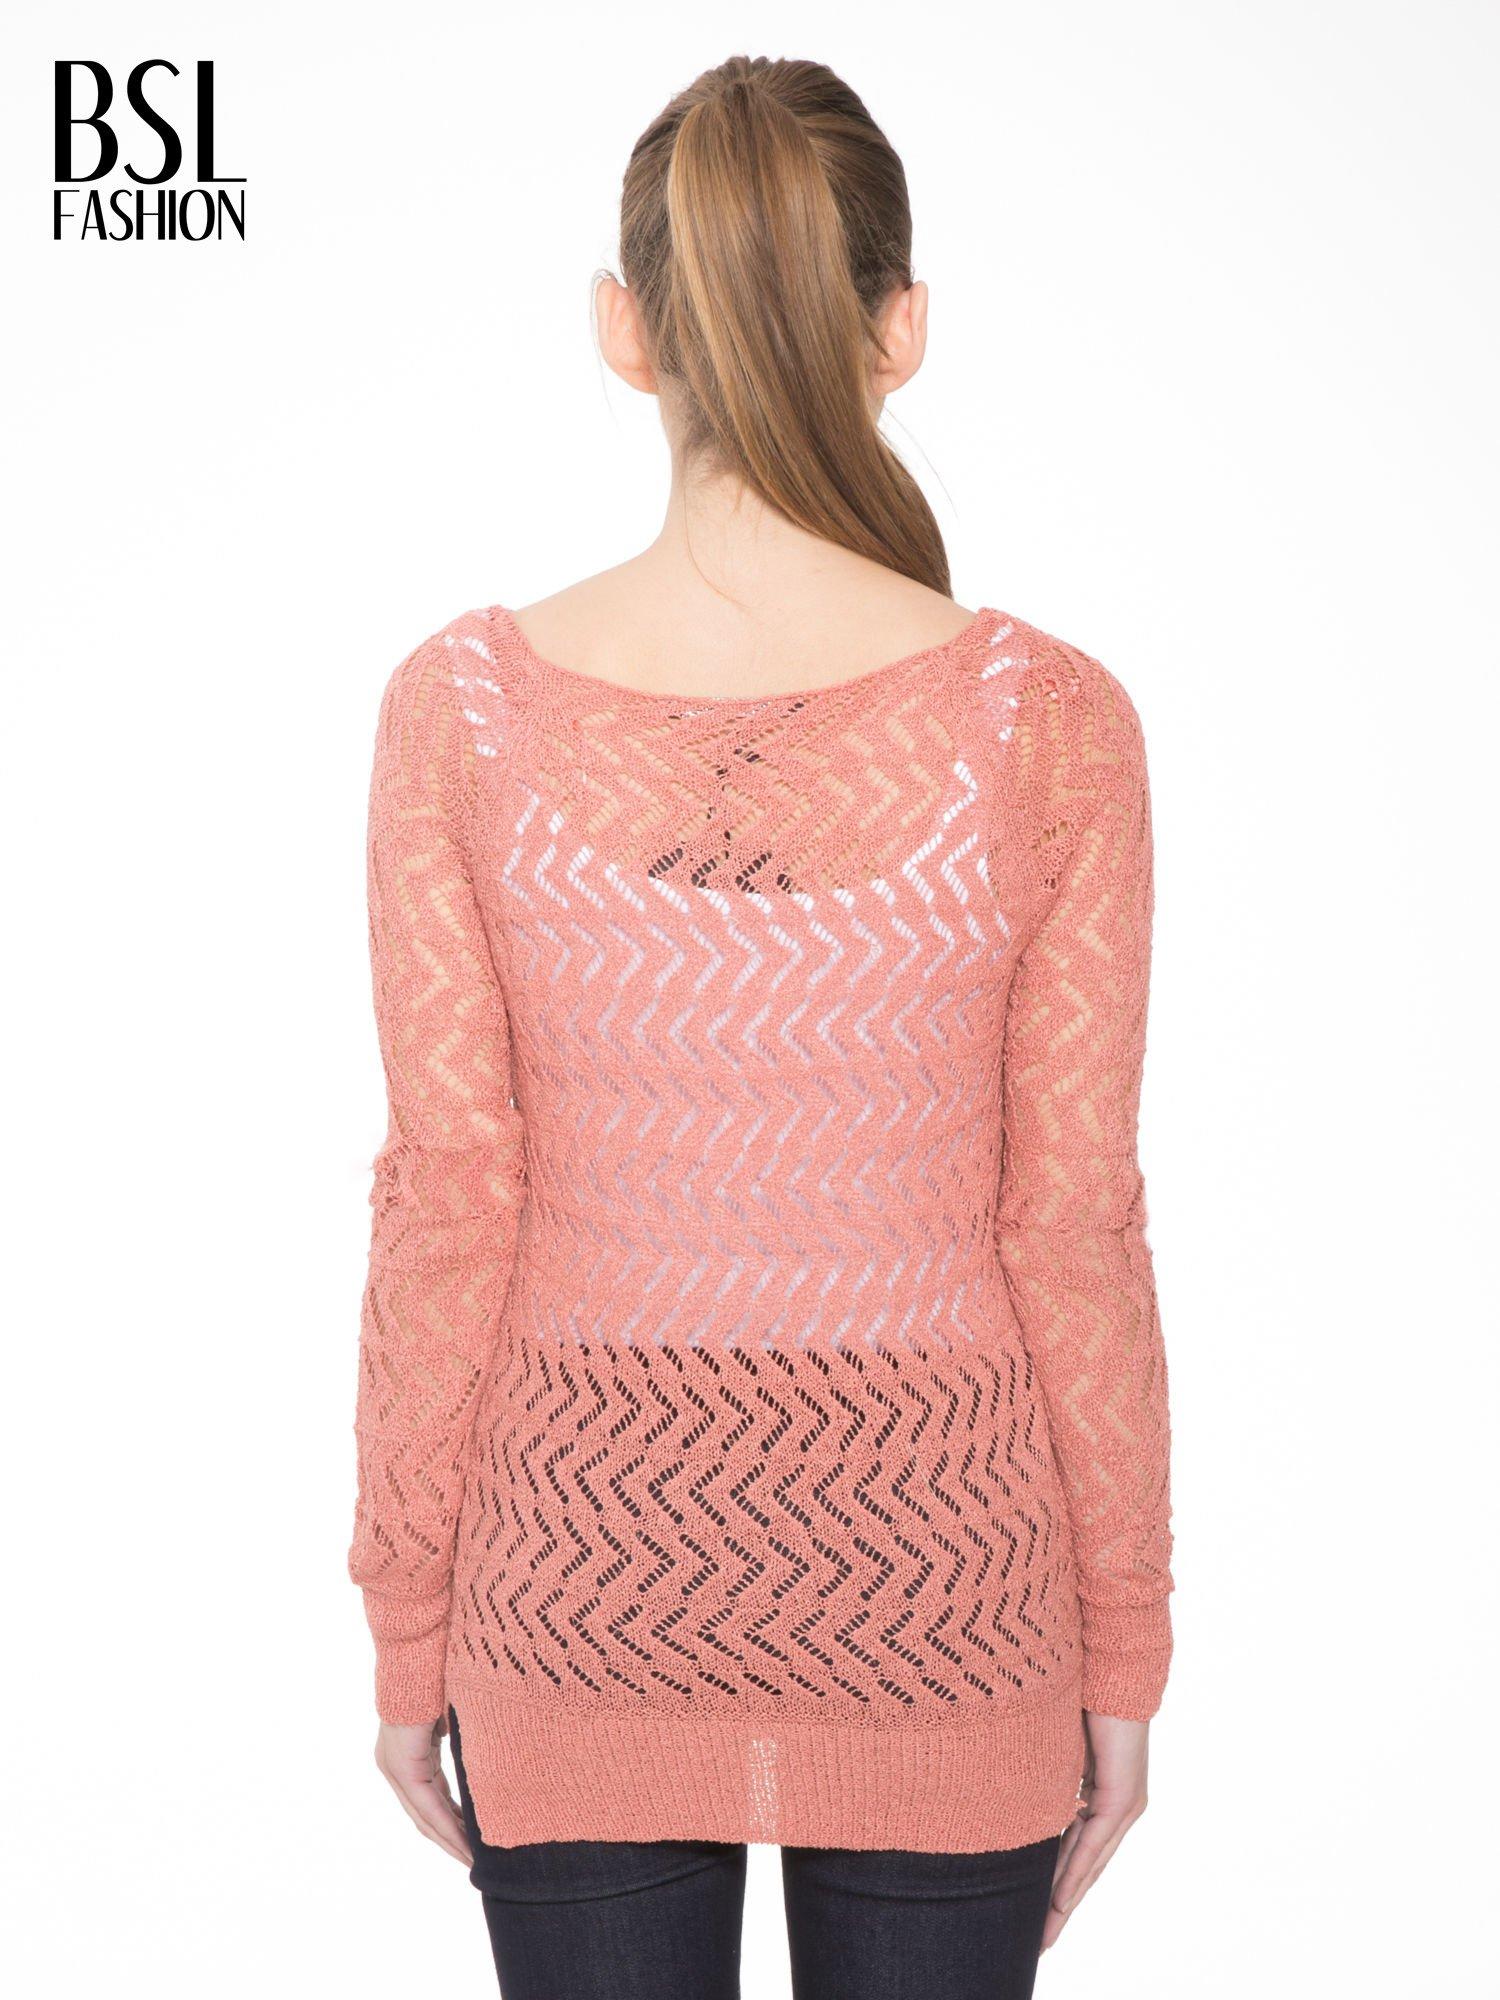 Ciemnoróżowy ażurowy dłuższy sweter                                  zdj.                                  4